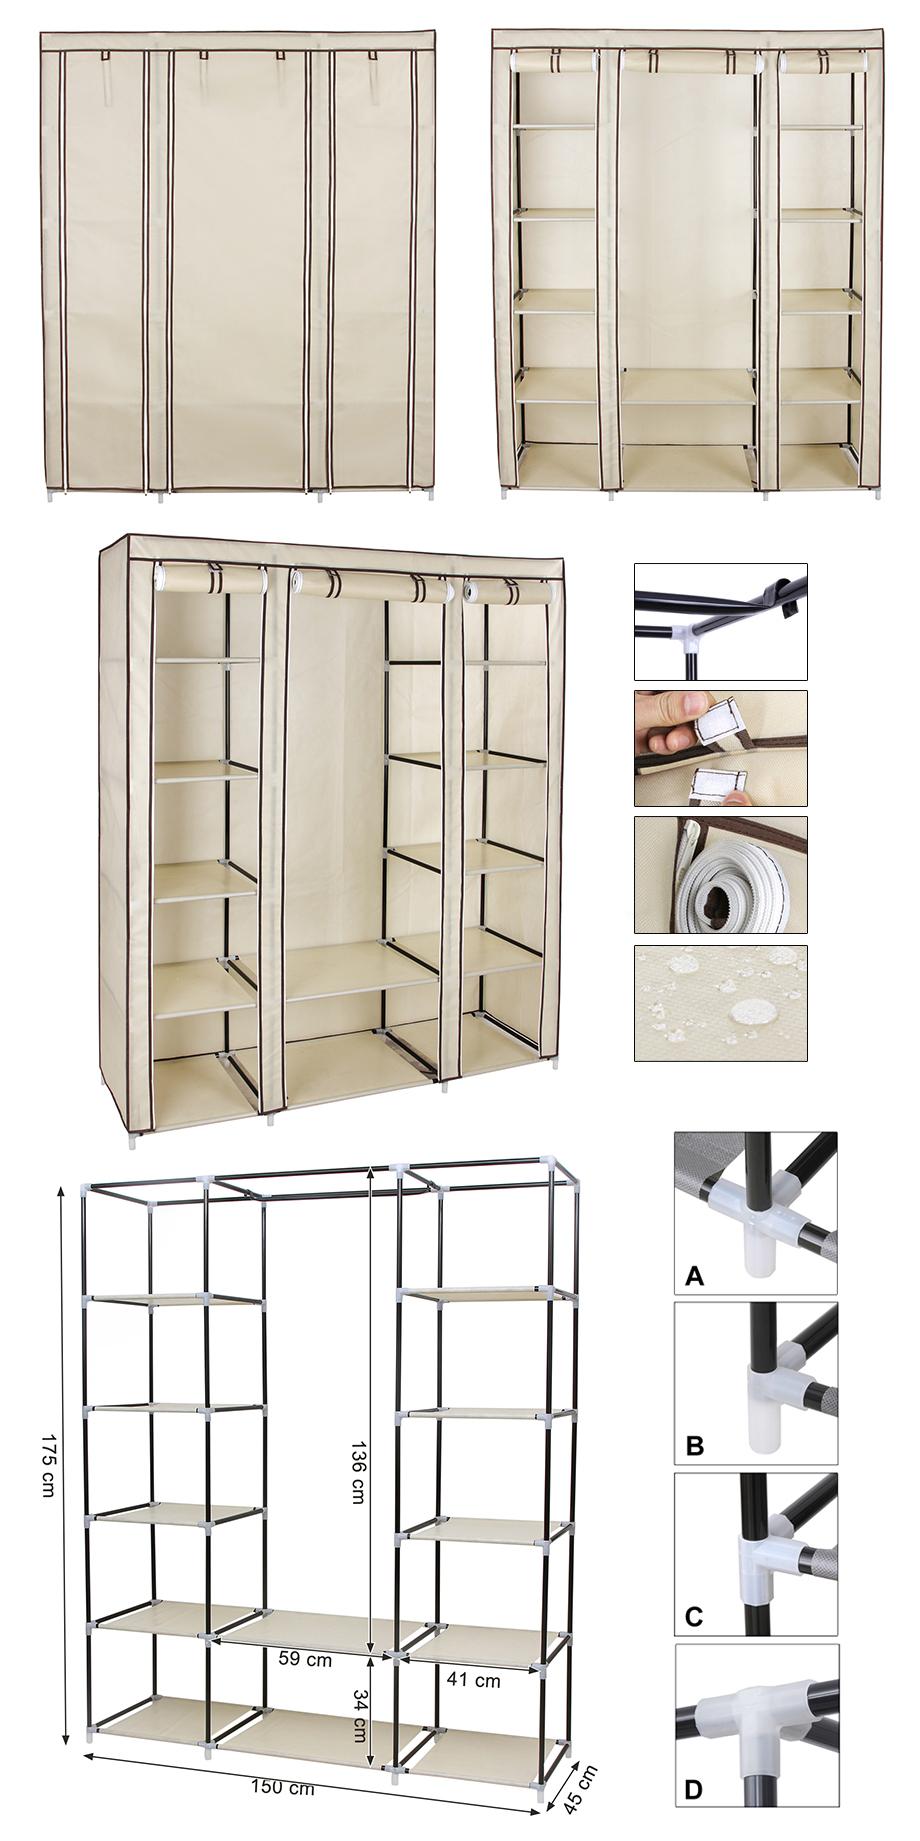 kleiderschrank stoffschrank faltschrank wohnzimmer. Black Bedroom Furniture Sets. Home Design Ideas